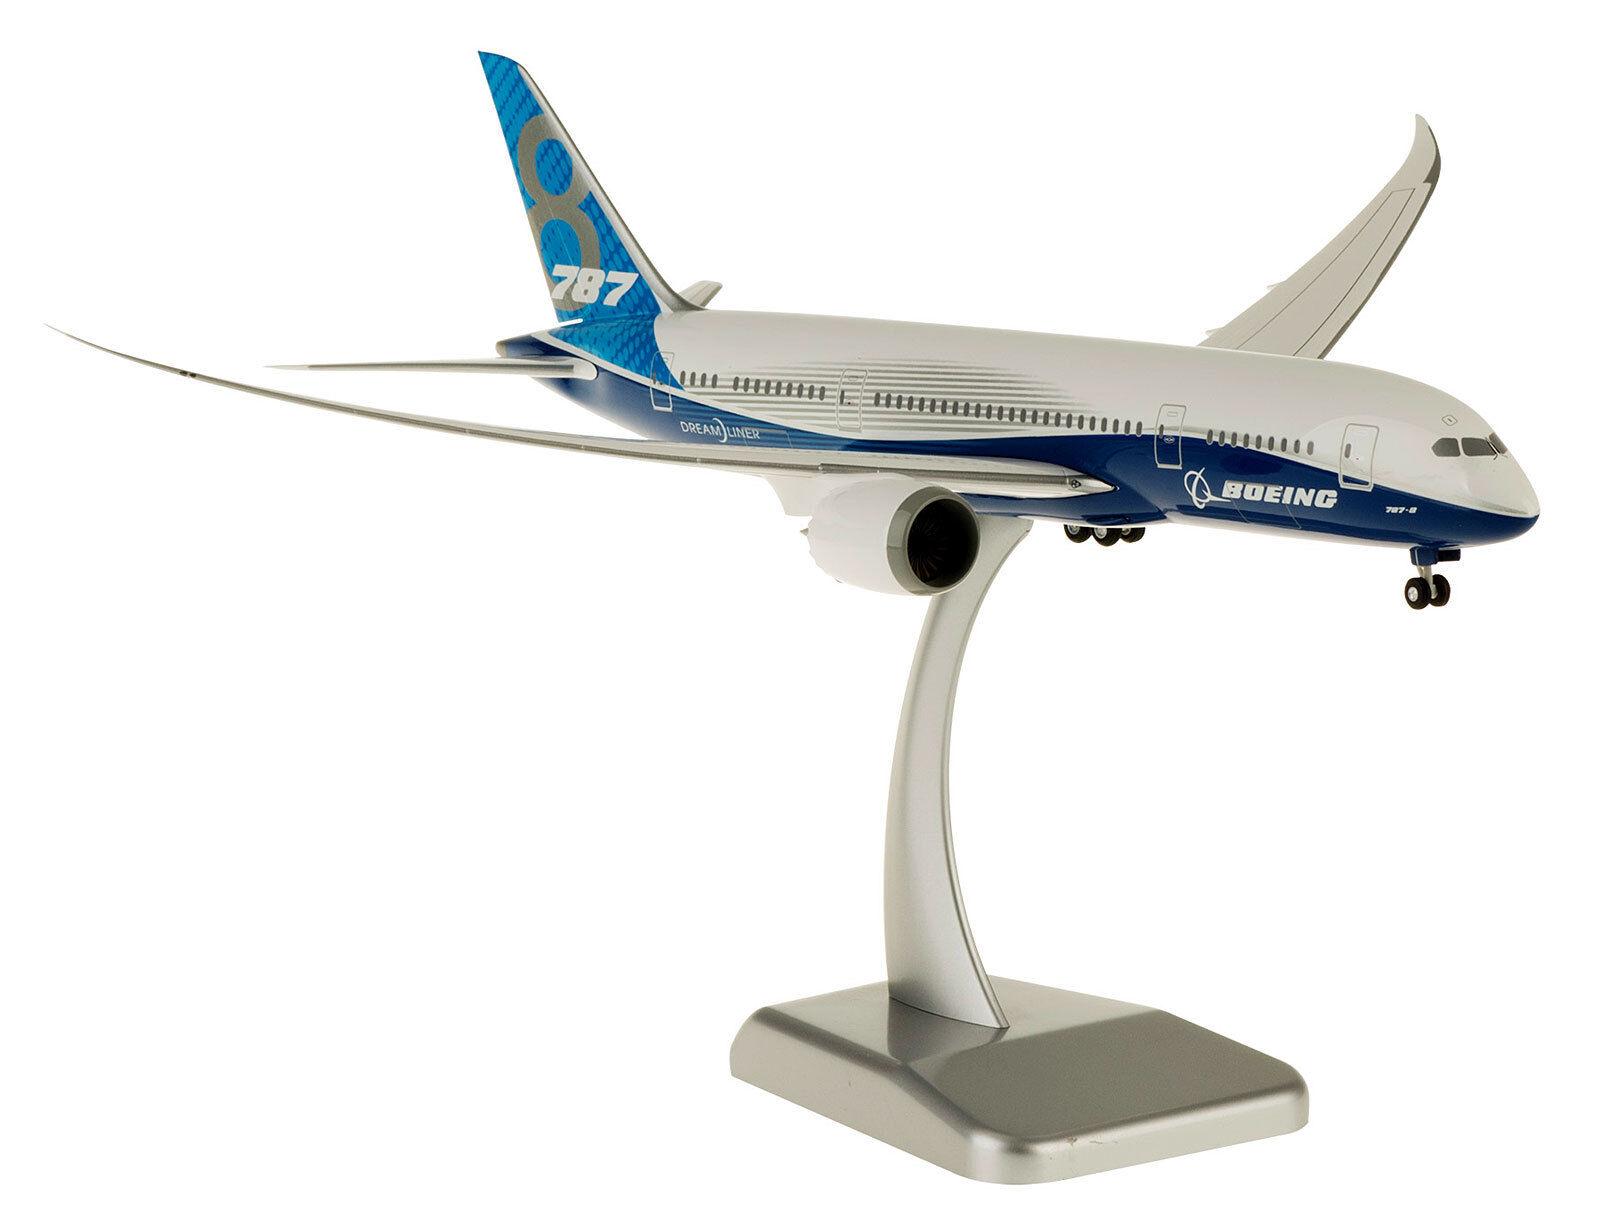 Boeing House Color 787-8 Hogan Wings 10857 modèle d'avion Nouveau b787 Dreamliner | Brillance De Couleur  | Vente  | Conception Habile  | Magasiner